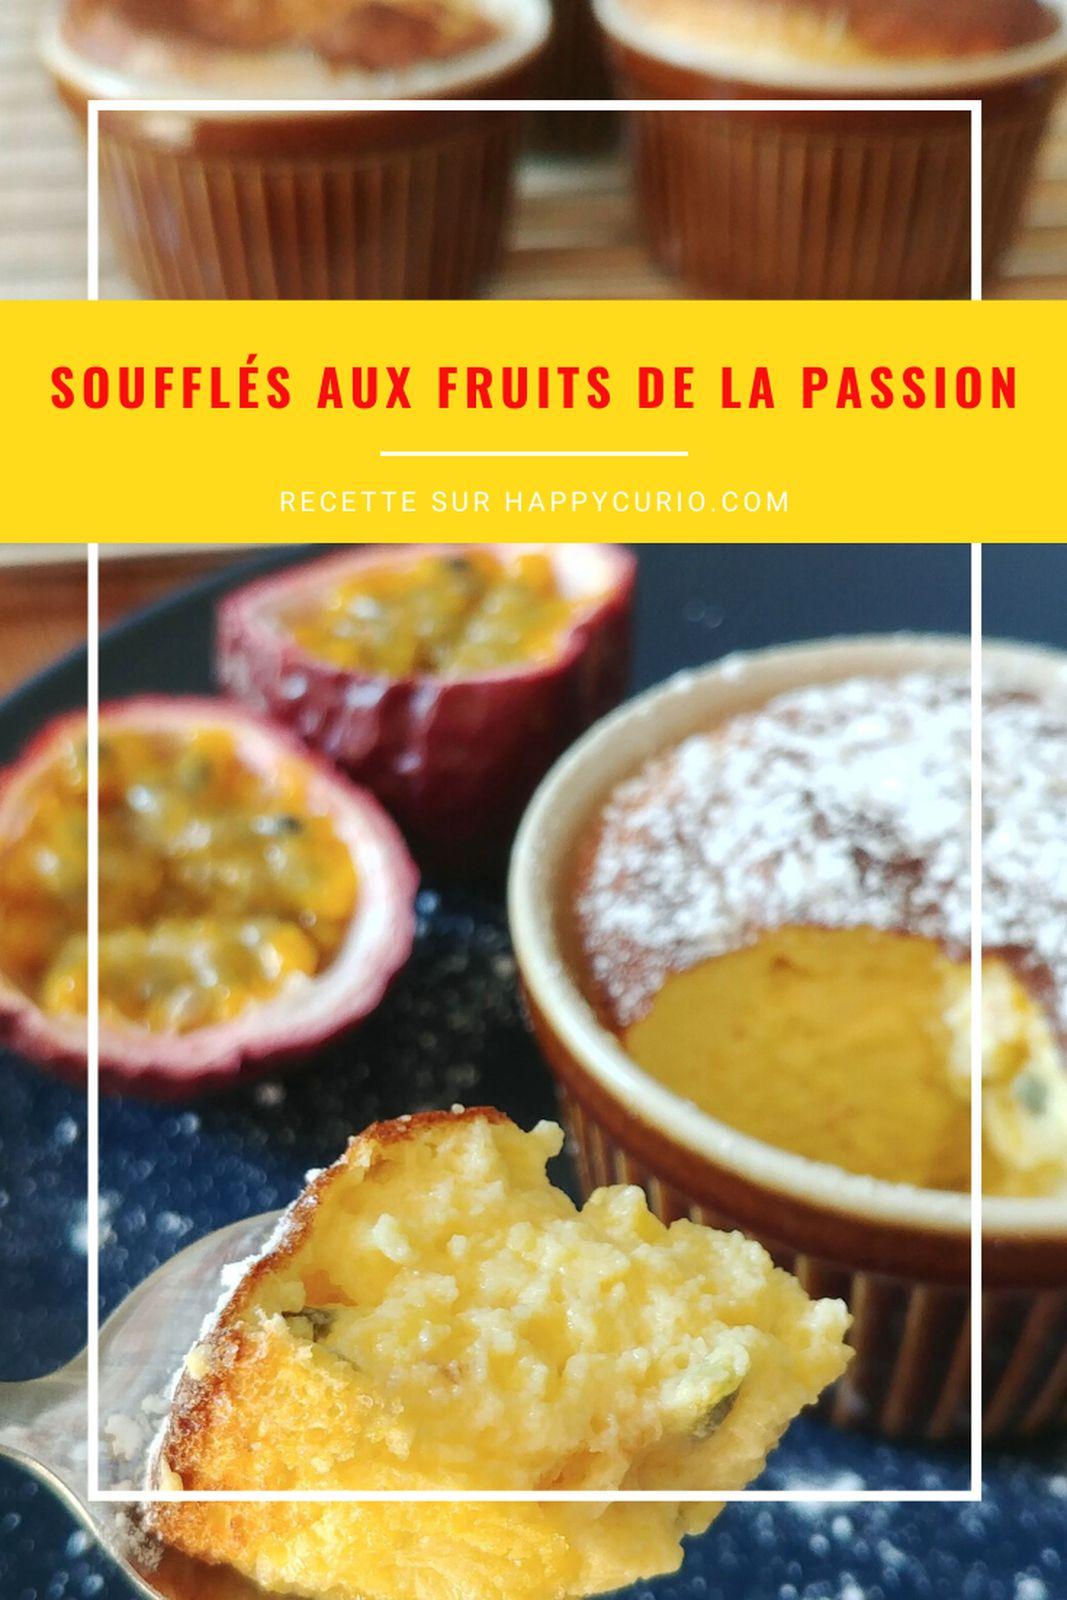 fiche recette de soufflé fruit de la passion